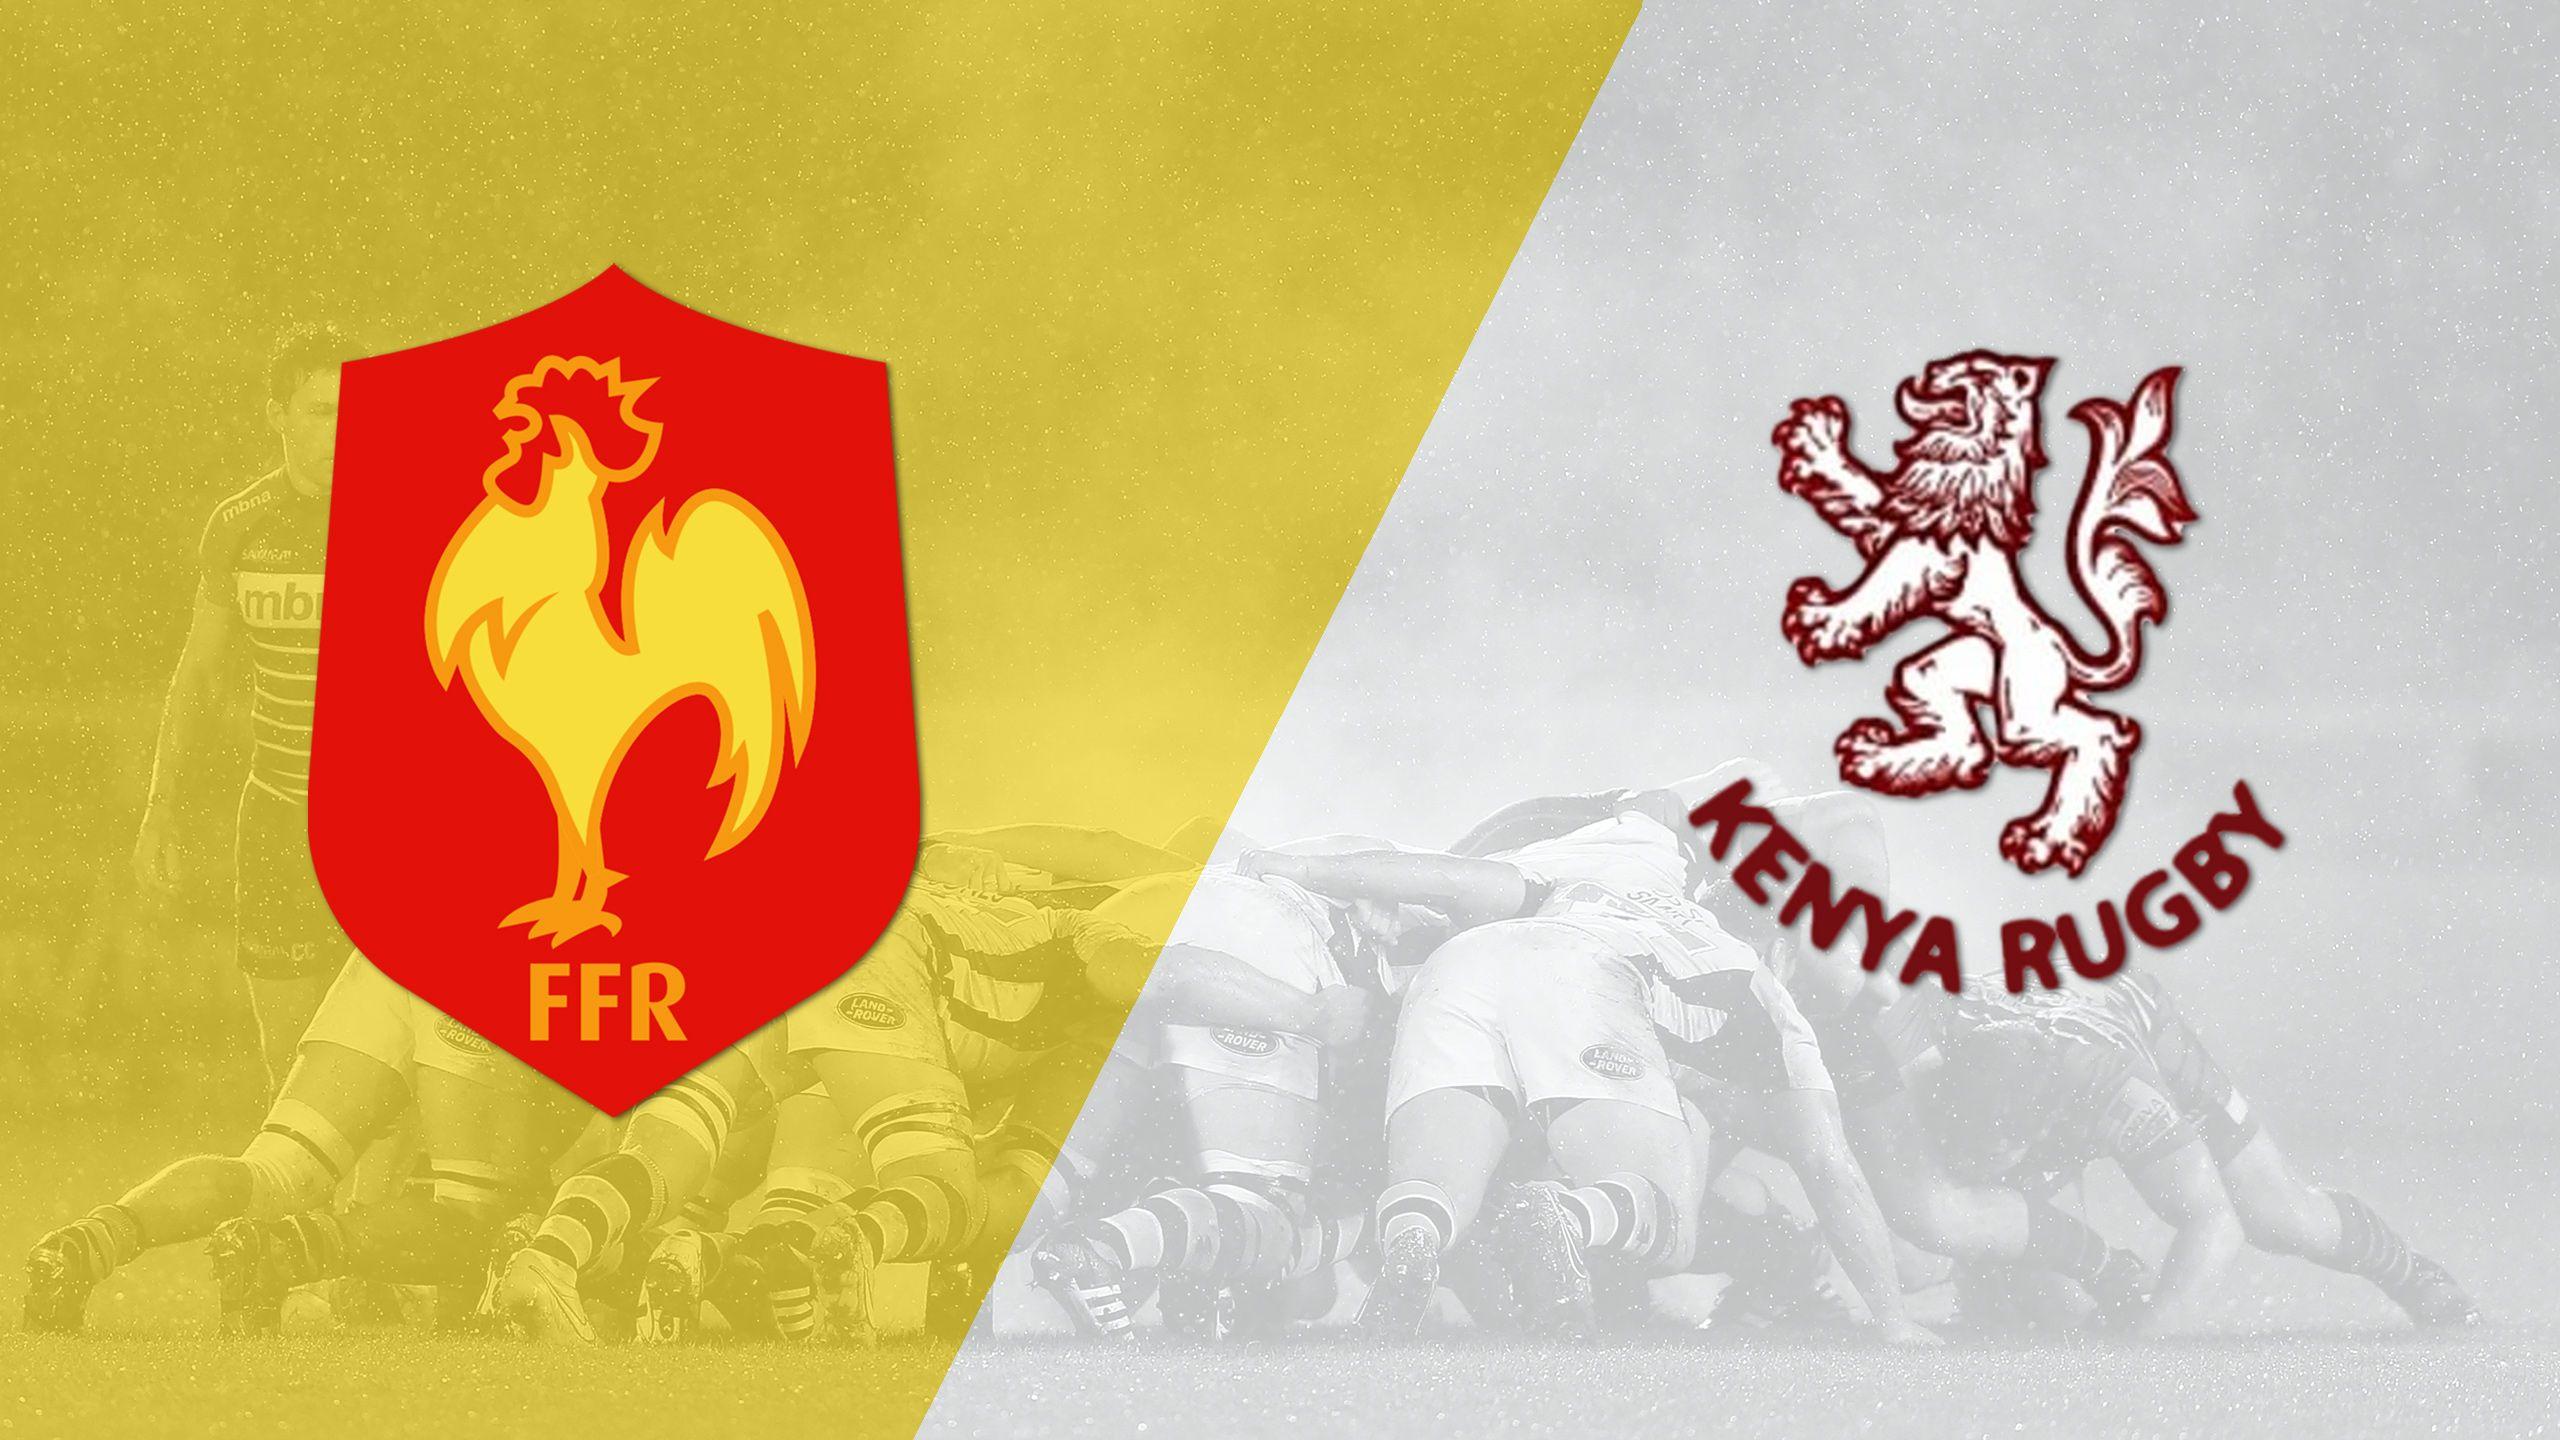 France vs. Kenya (World Rugby Sevens Series)